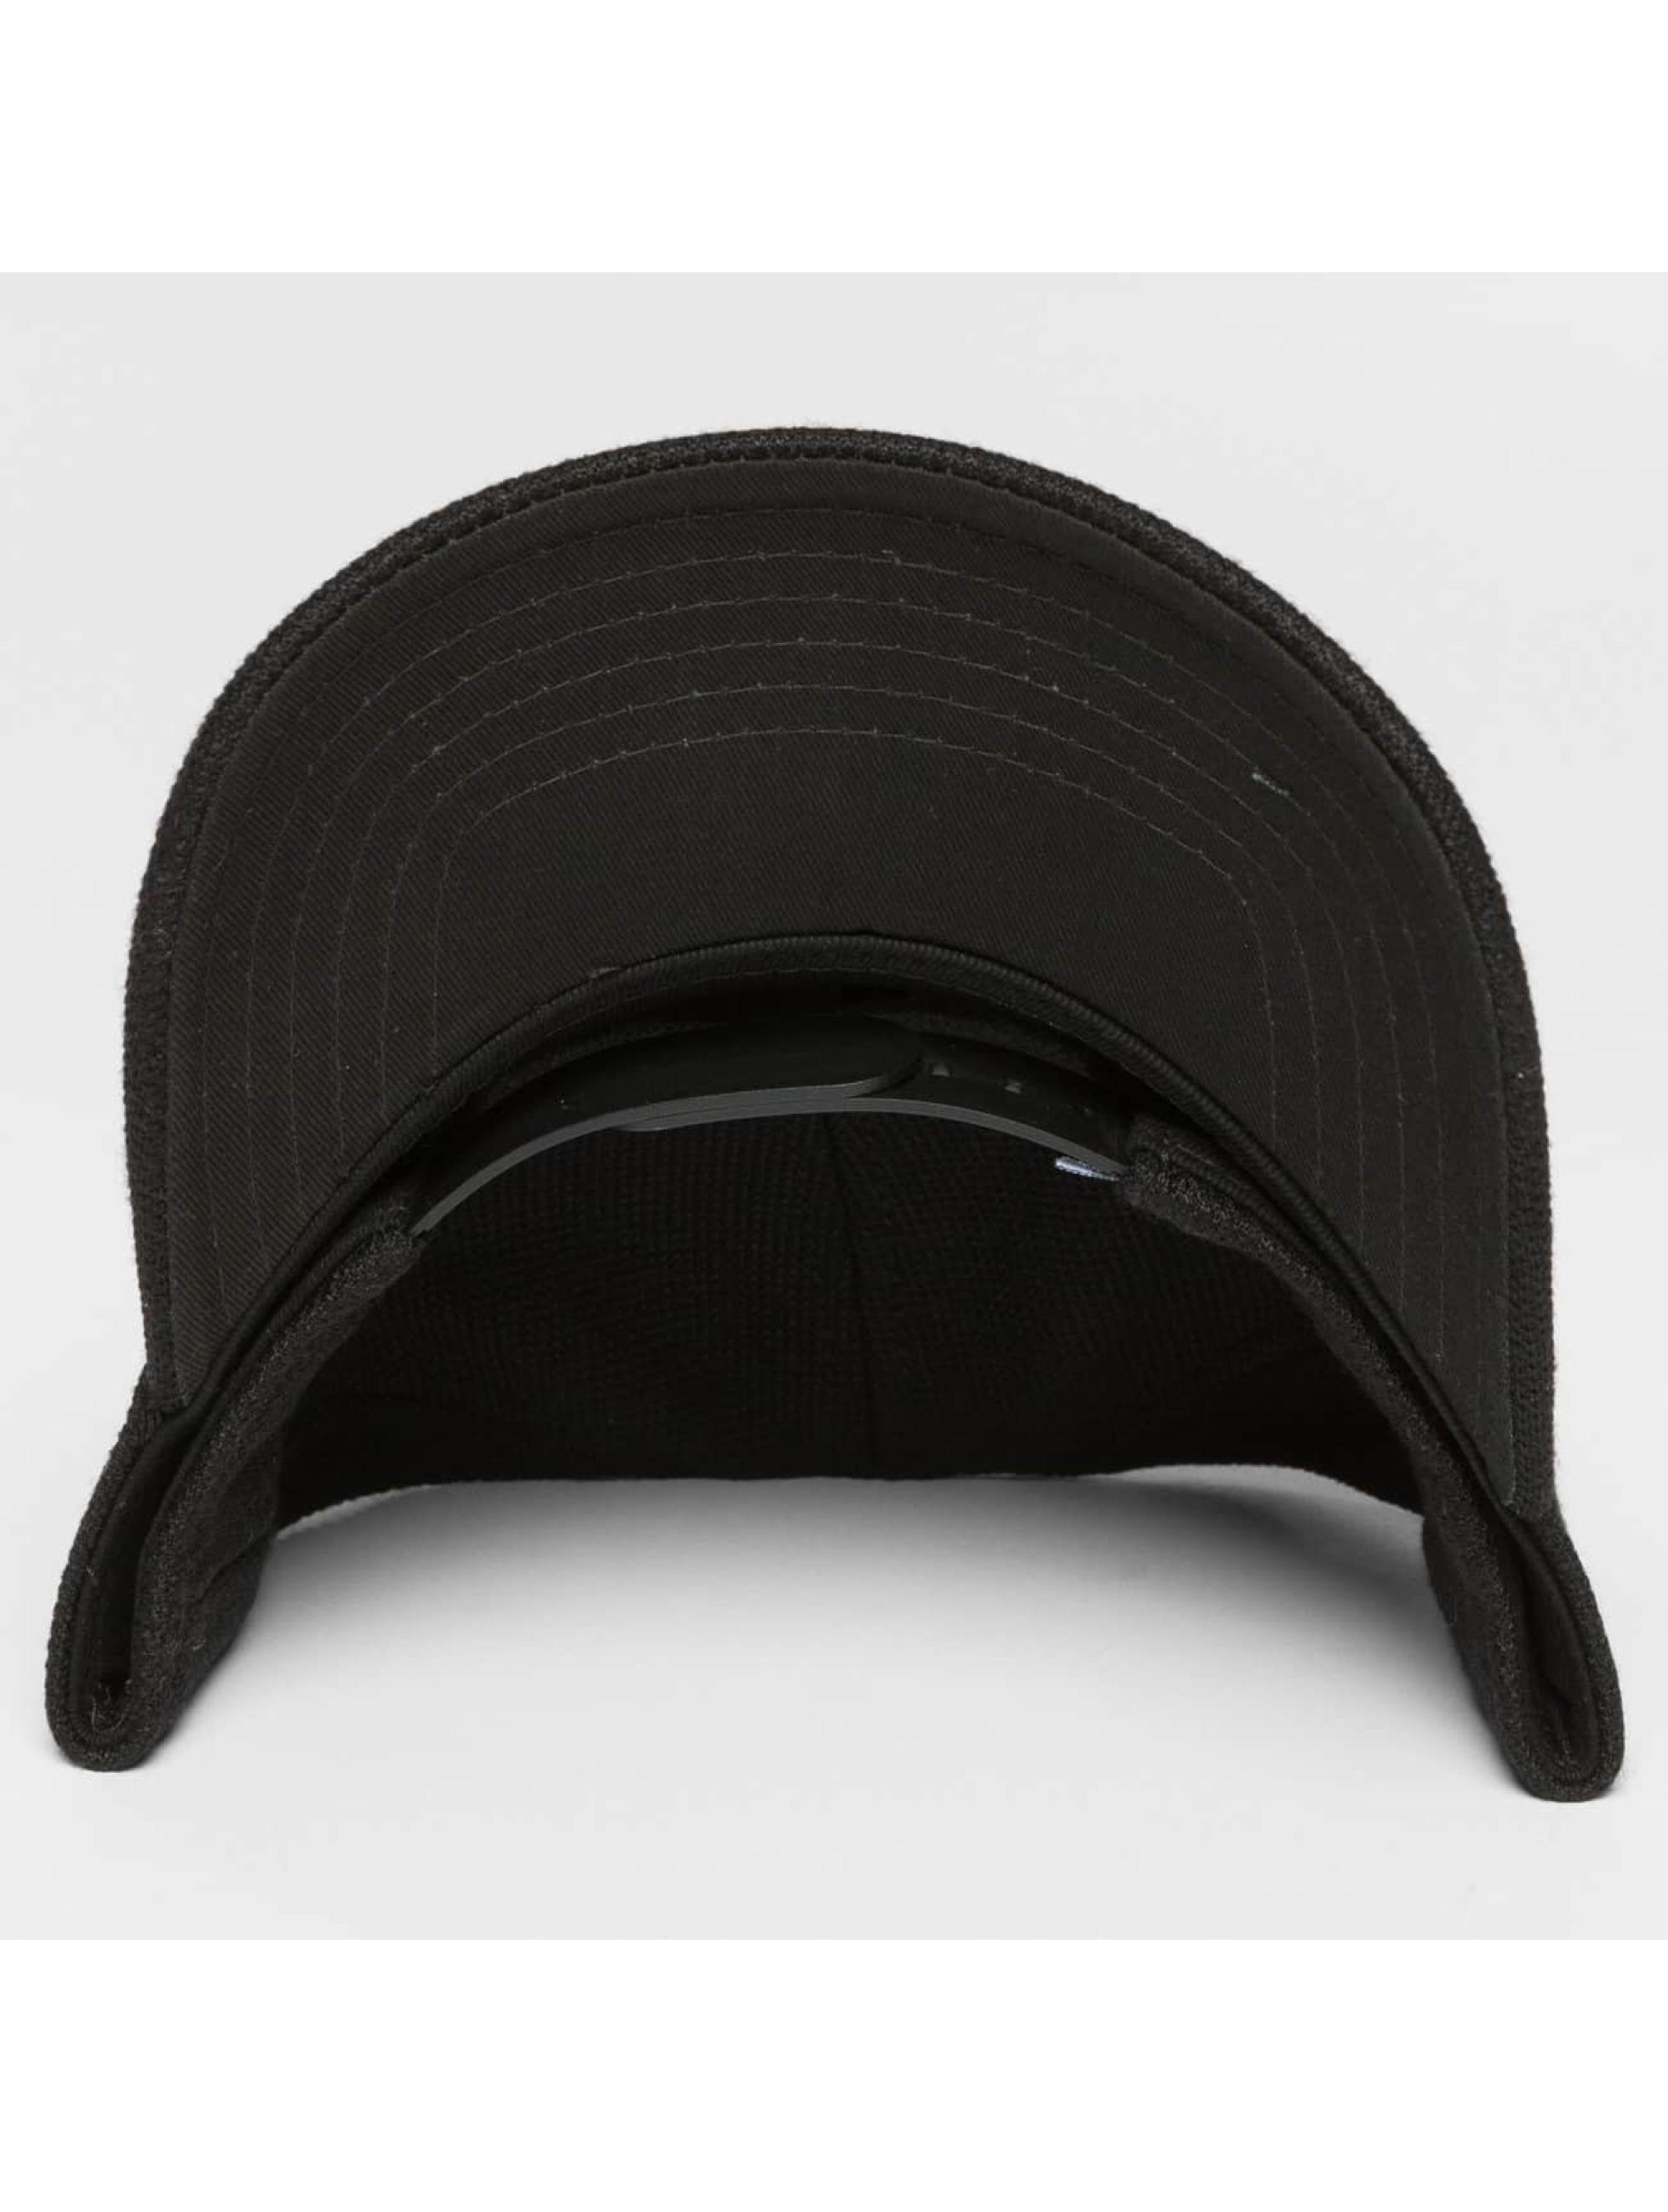 Djinns Casquette Snapback & Strapback HFT Full Bubble Piquee noir